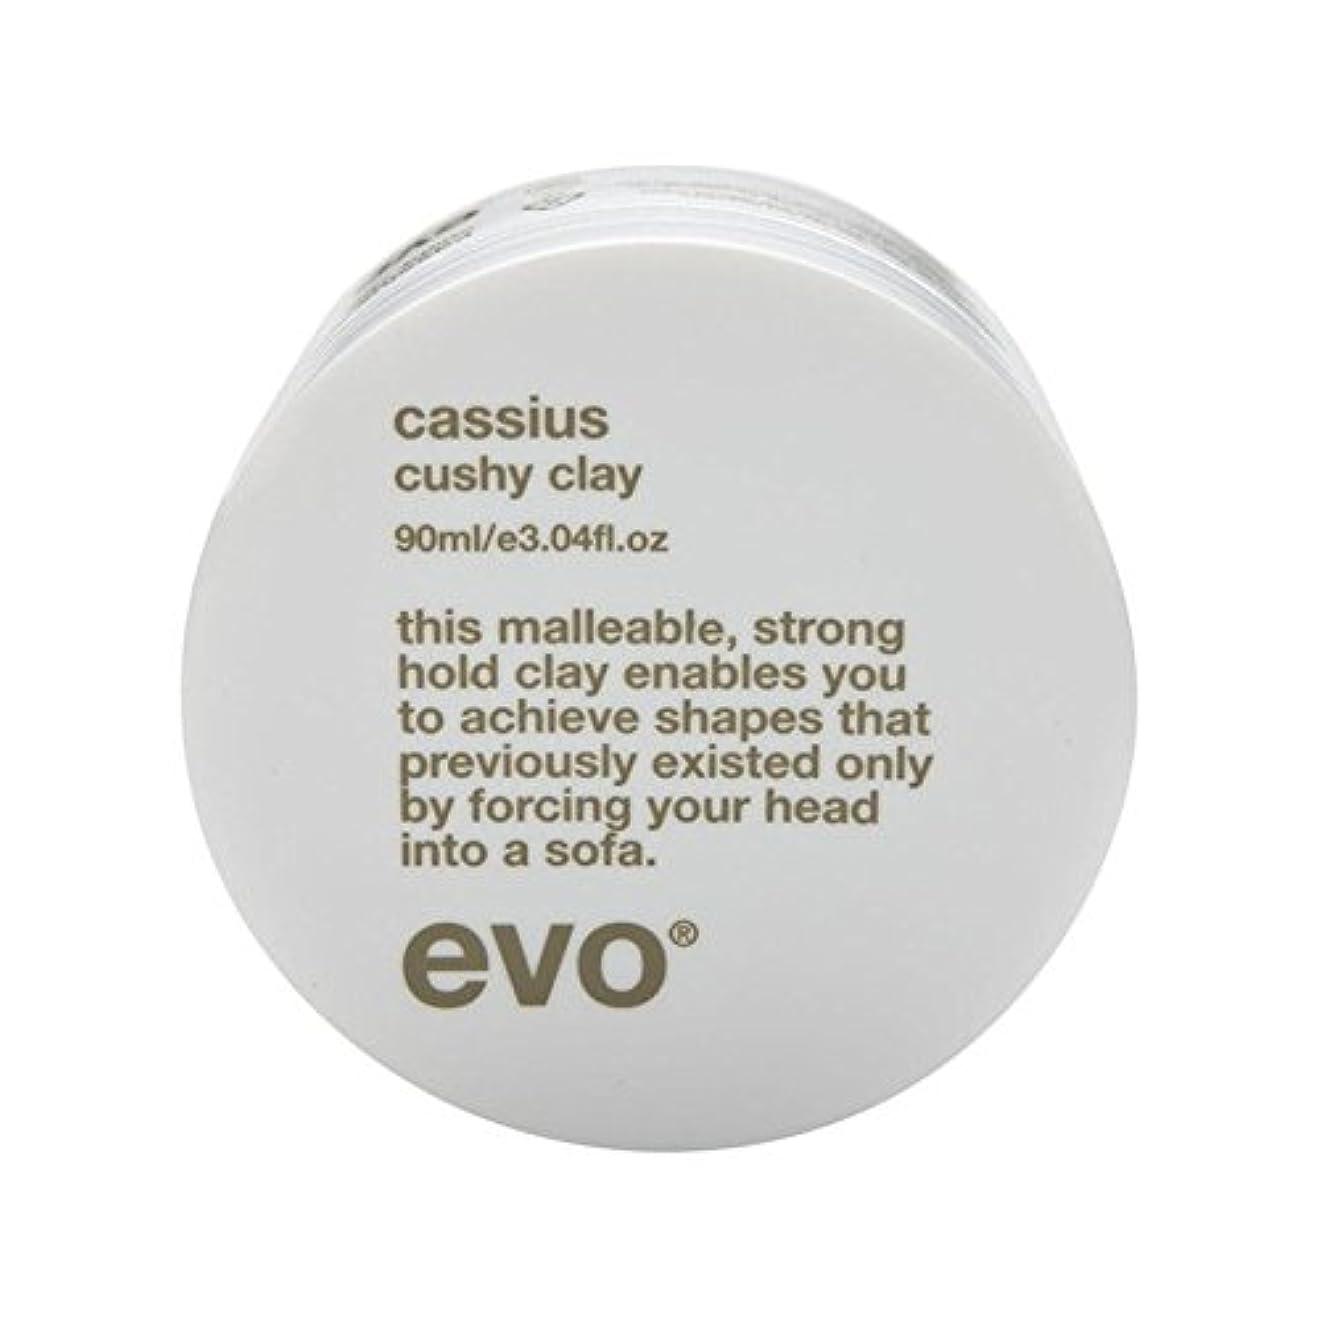 泥棒うがい薬処方Evo Cassius Cushy Clay 90G (Pack of 6) - エボカシウス楽な粘土90グラム x6 [並行輸入品]